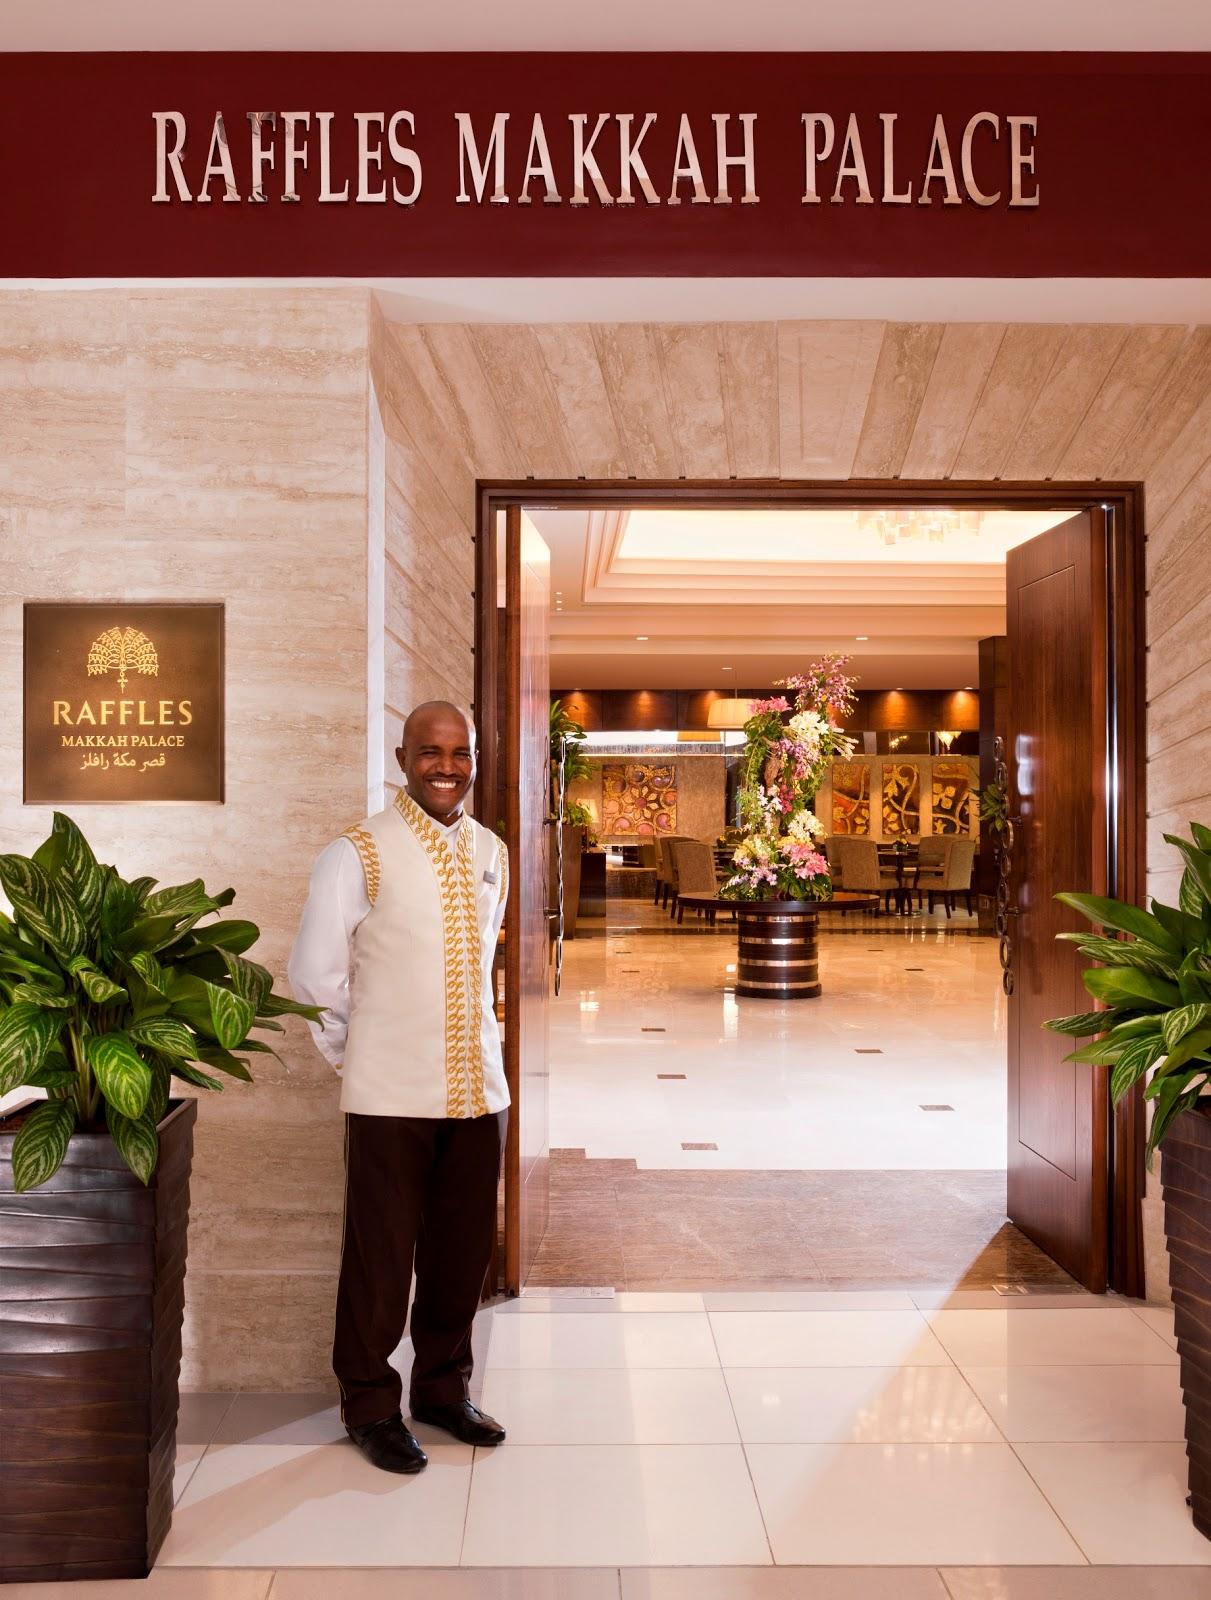 Hotel Raffles Makkah Palace Yang Nyaman - Travel Pelopor ...